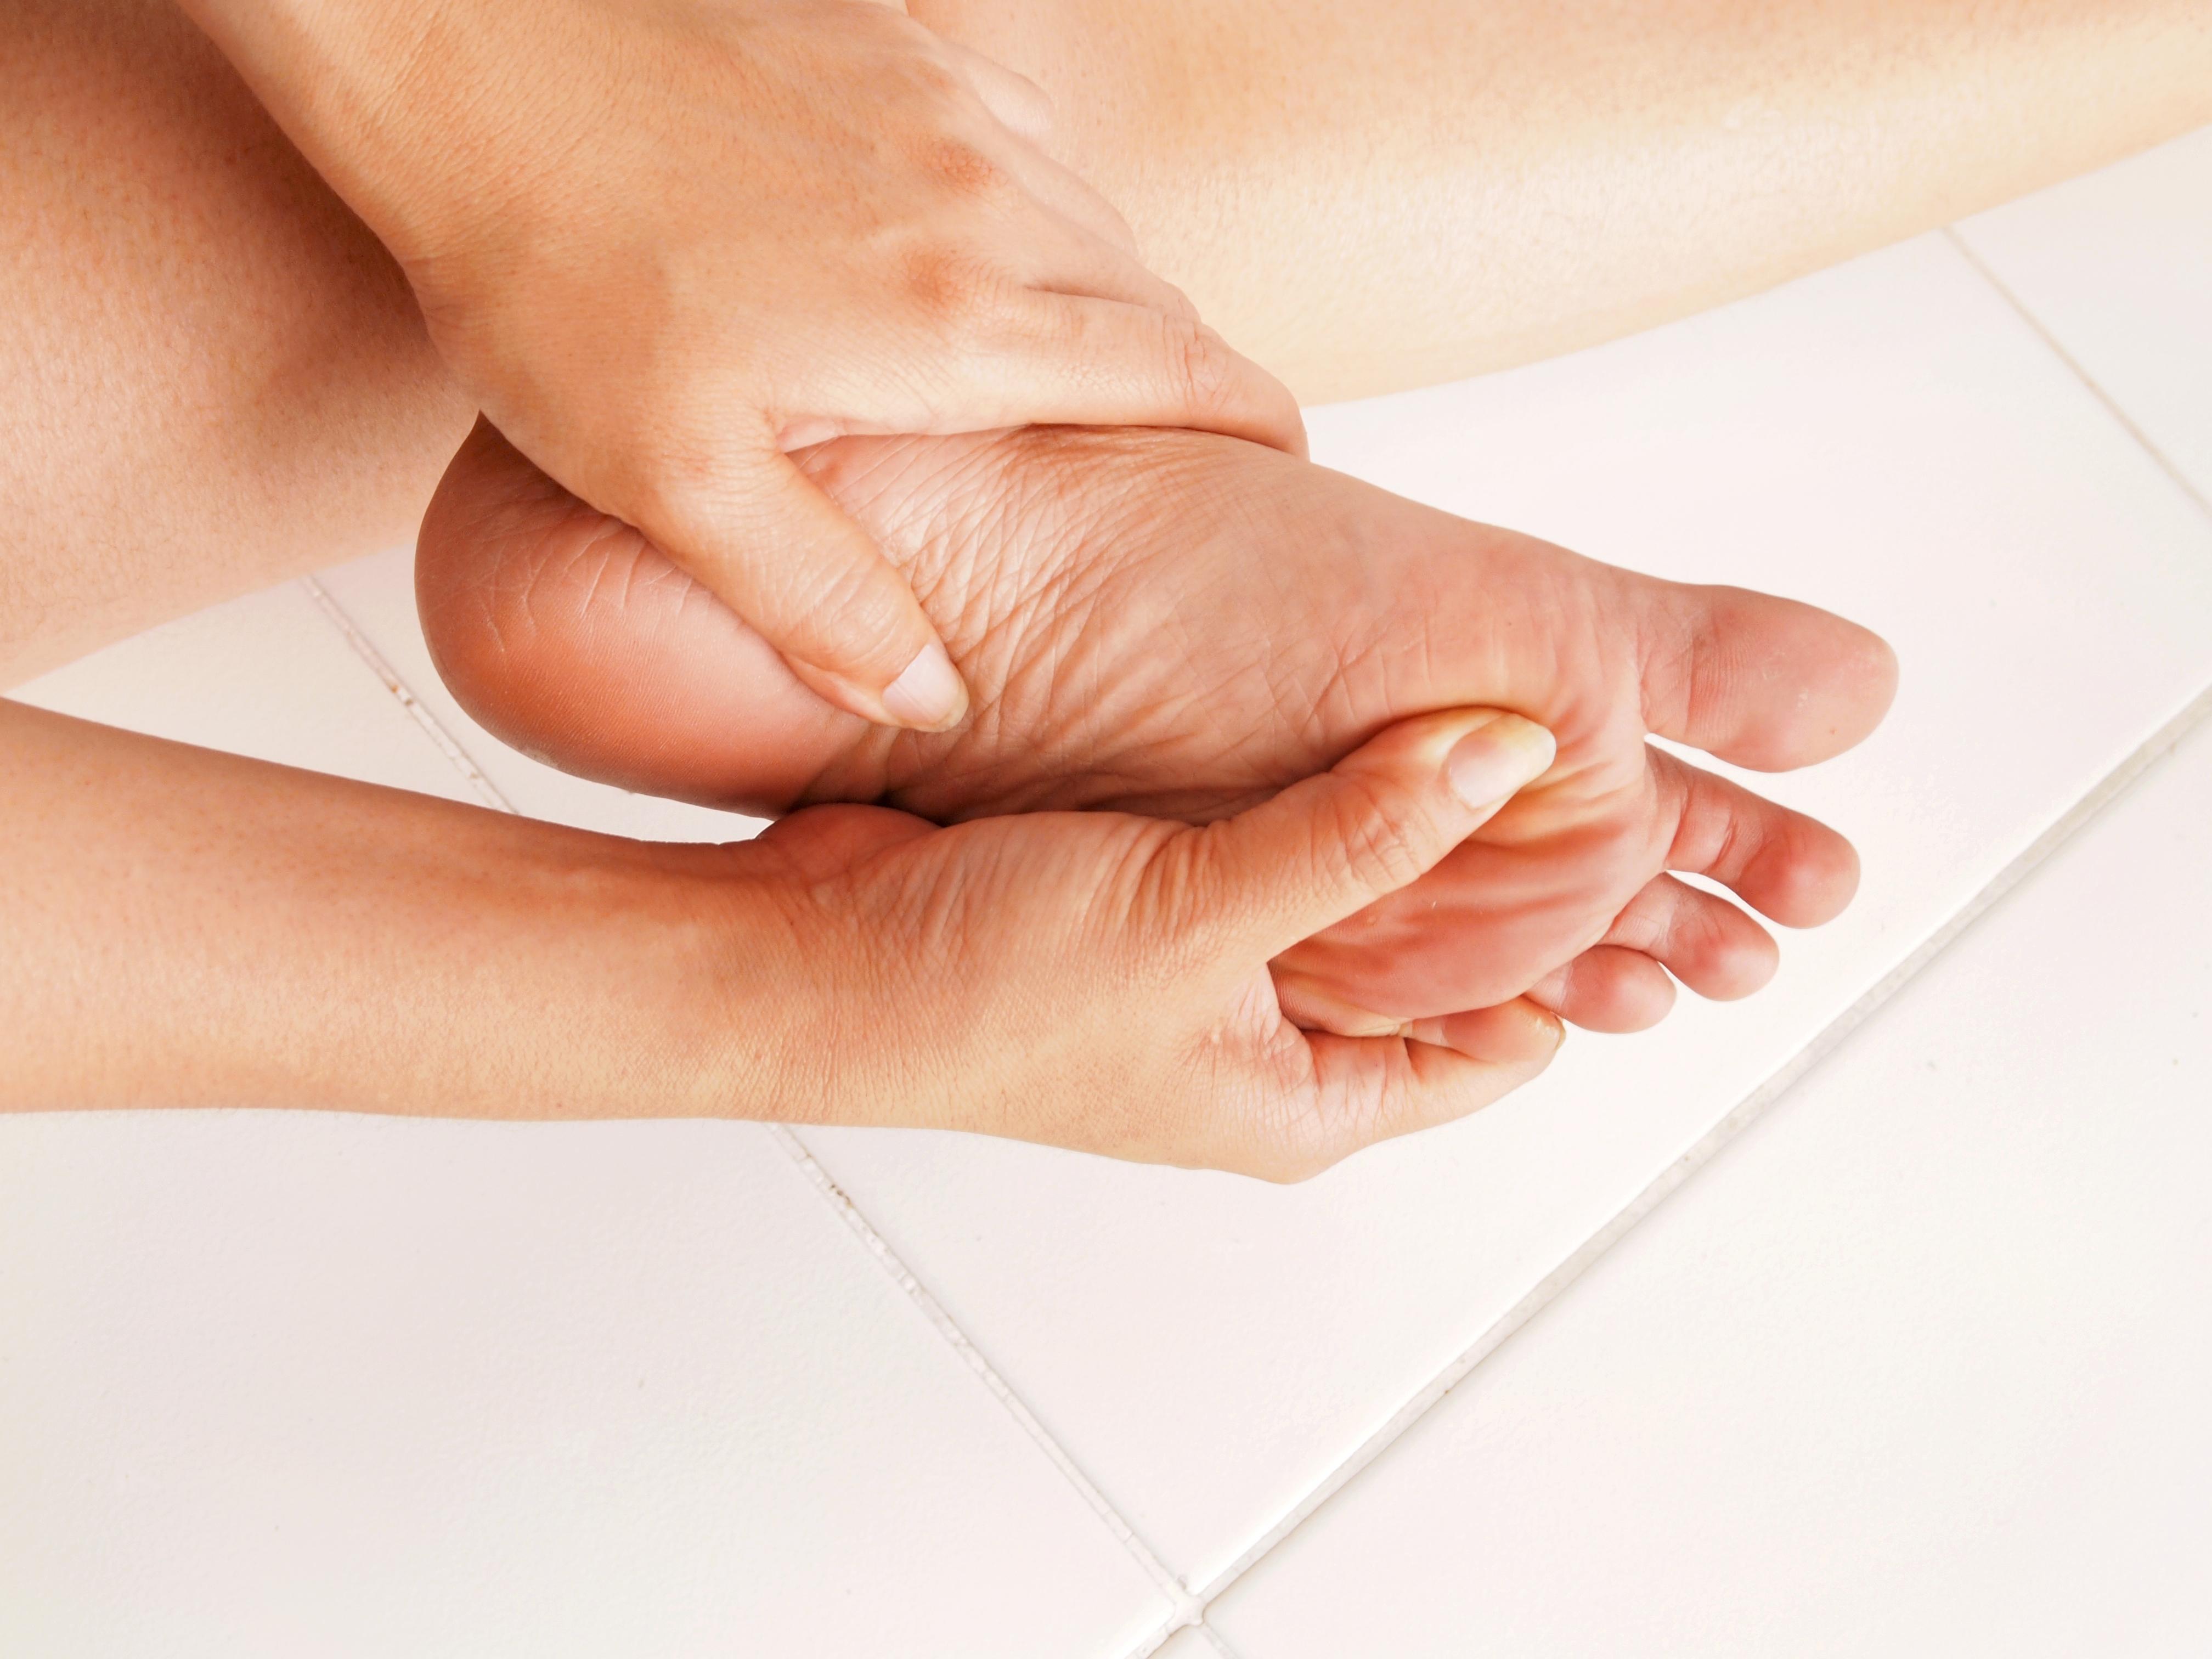 problemas del pie plantar con diabetes